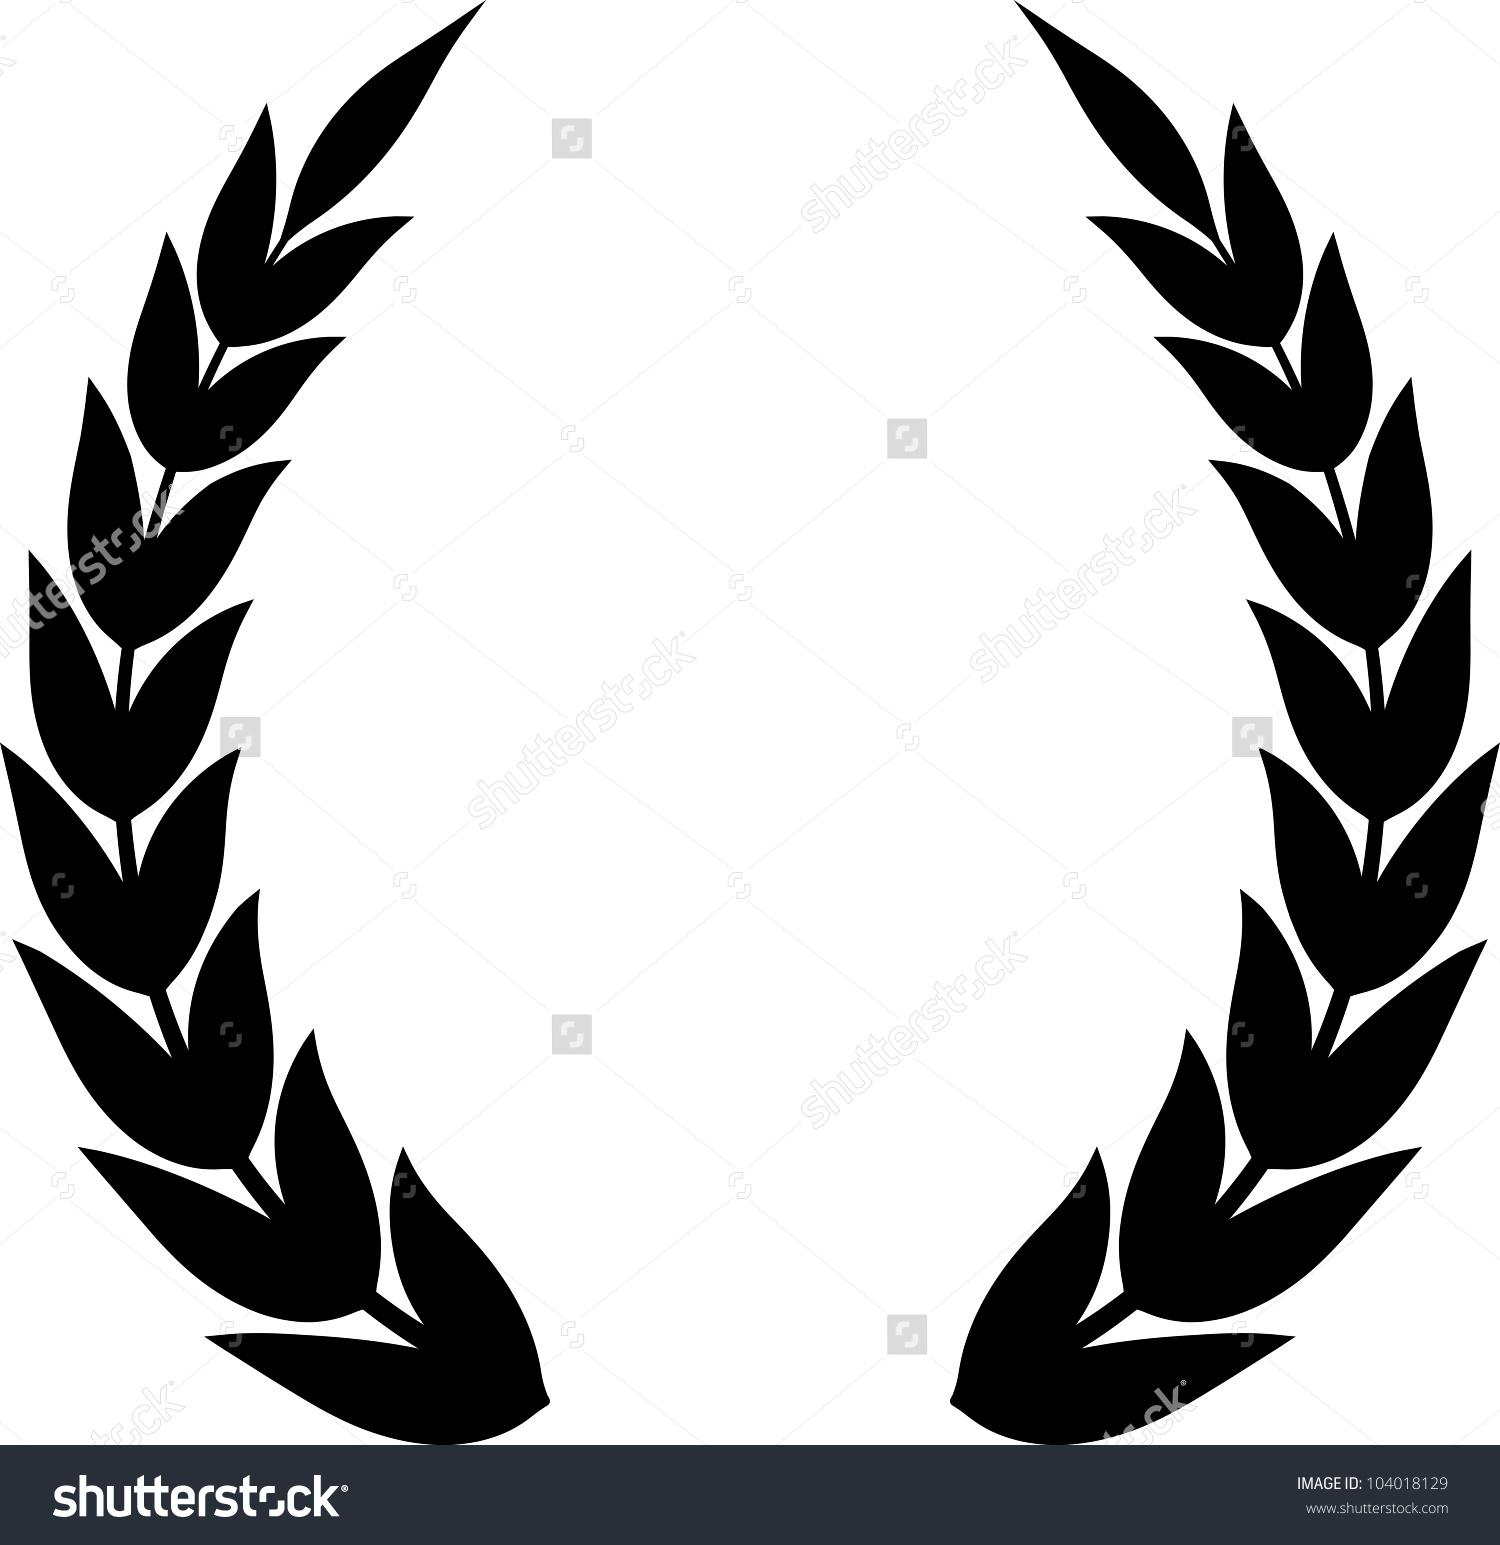 Award Wreath Clipart.